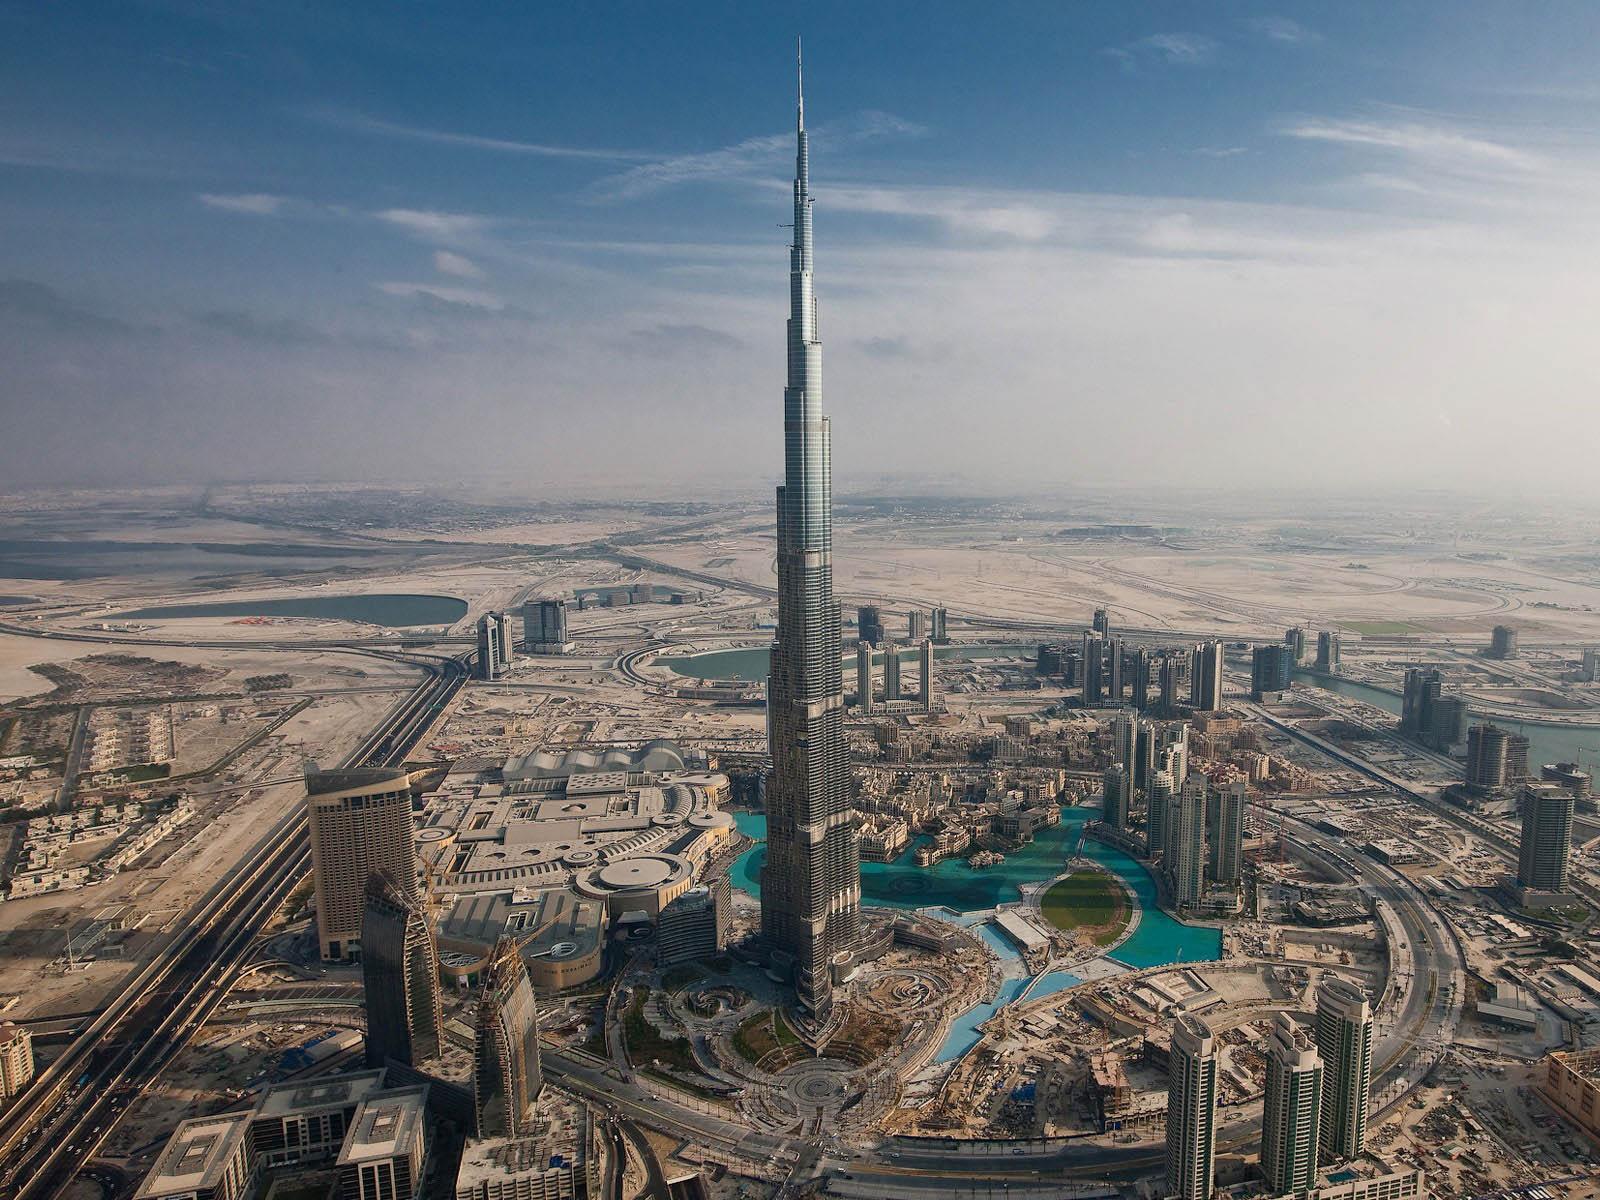 burj_dubai_skyscrapers_dubai_53329-1600x1200